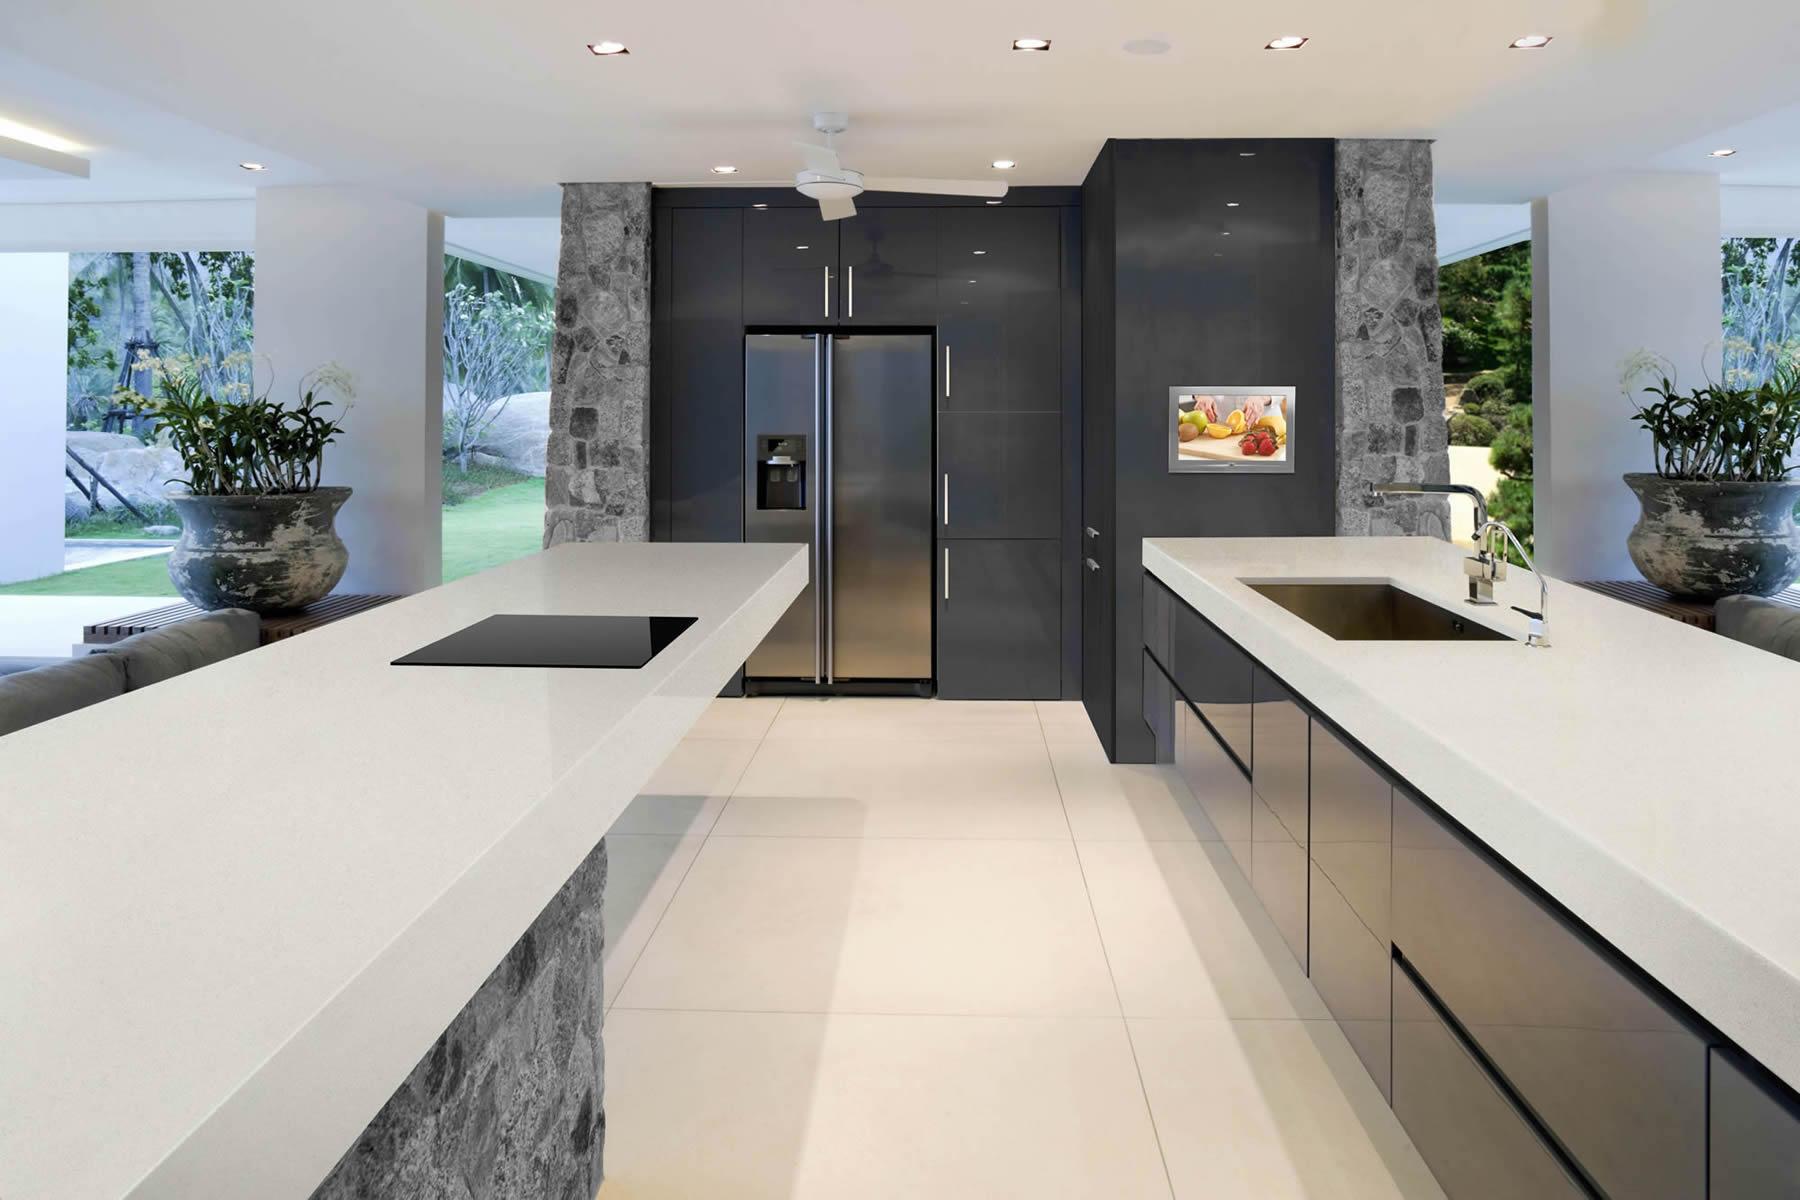 Dise tu propia cocina itati marmoler a - Disena tu propia cocina ...